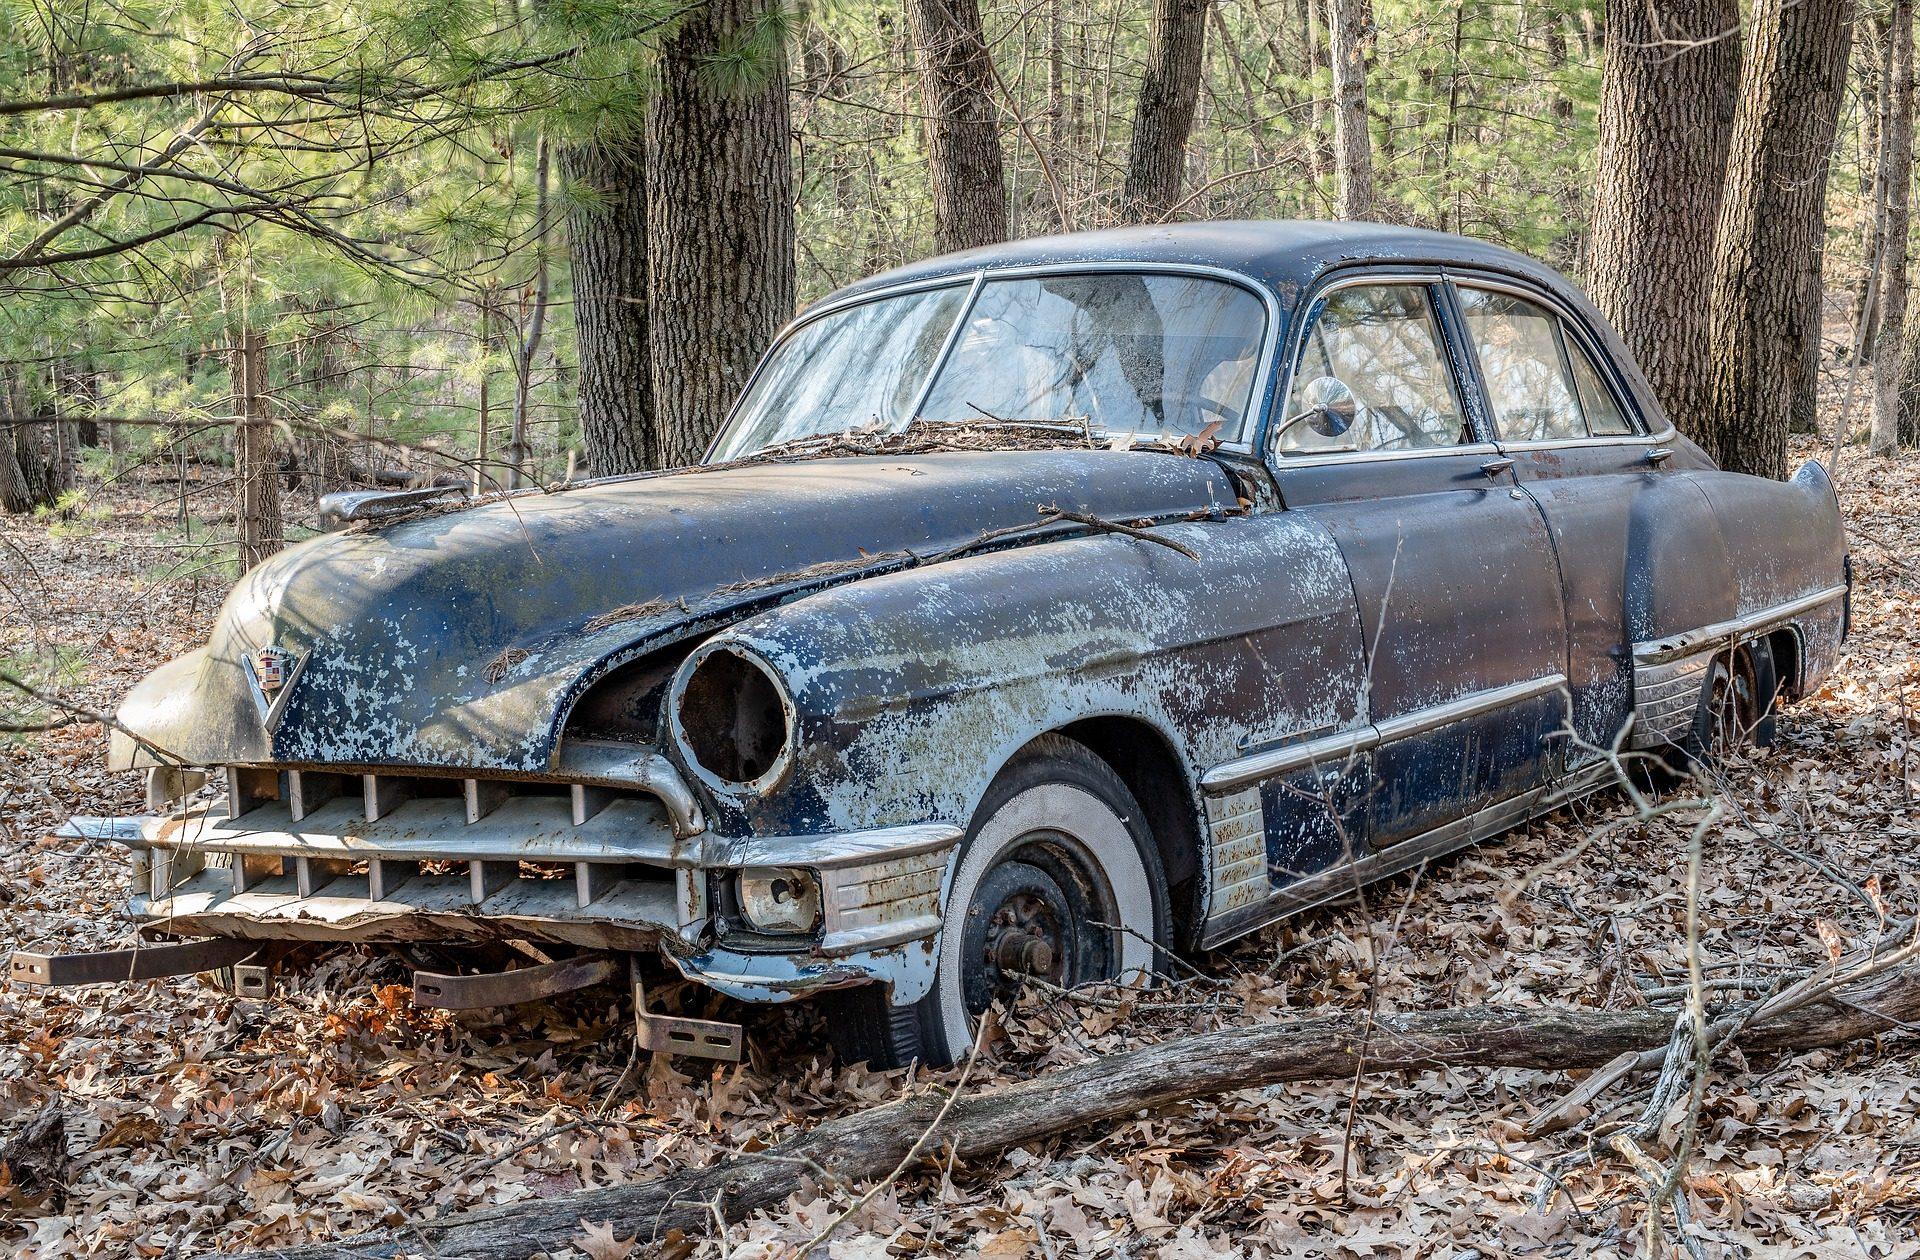 سيارات, antiguo, القديمة, خمر, التخلي عن, الغابات, الأشجار - خلفيات عالية الدقة - أستاذ falken.com